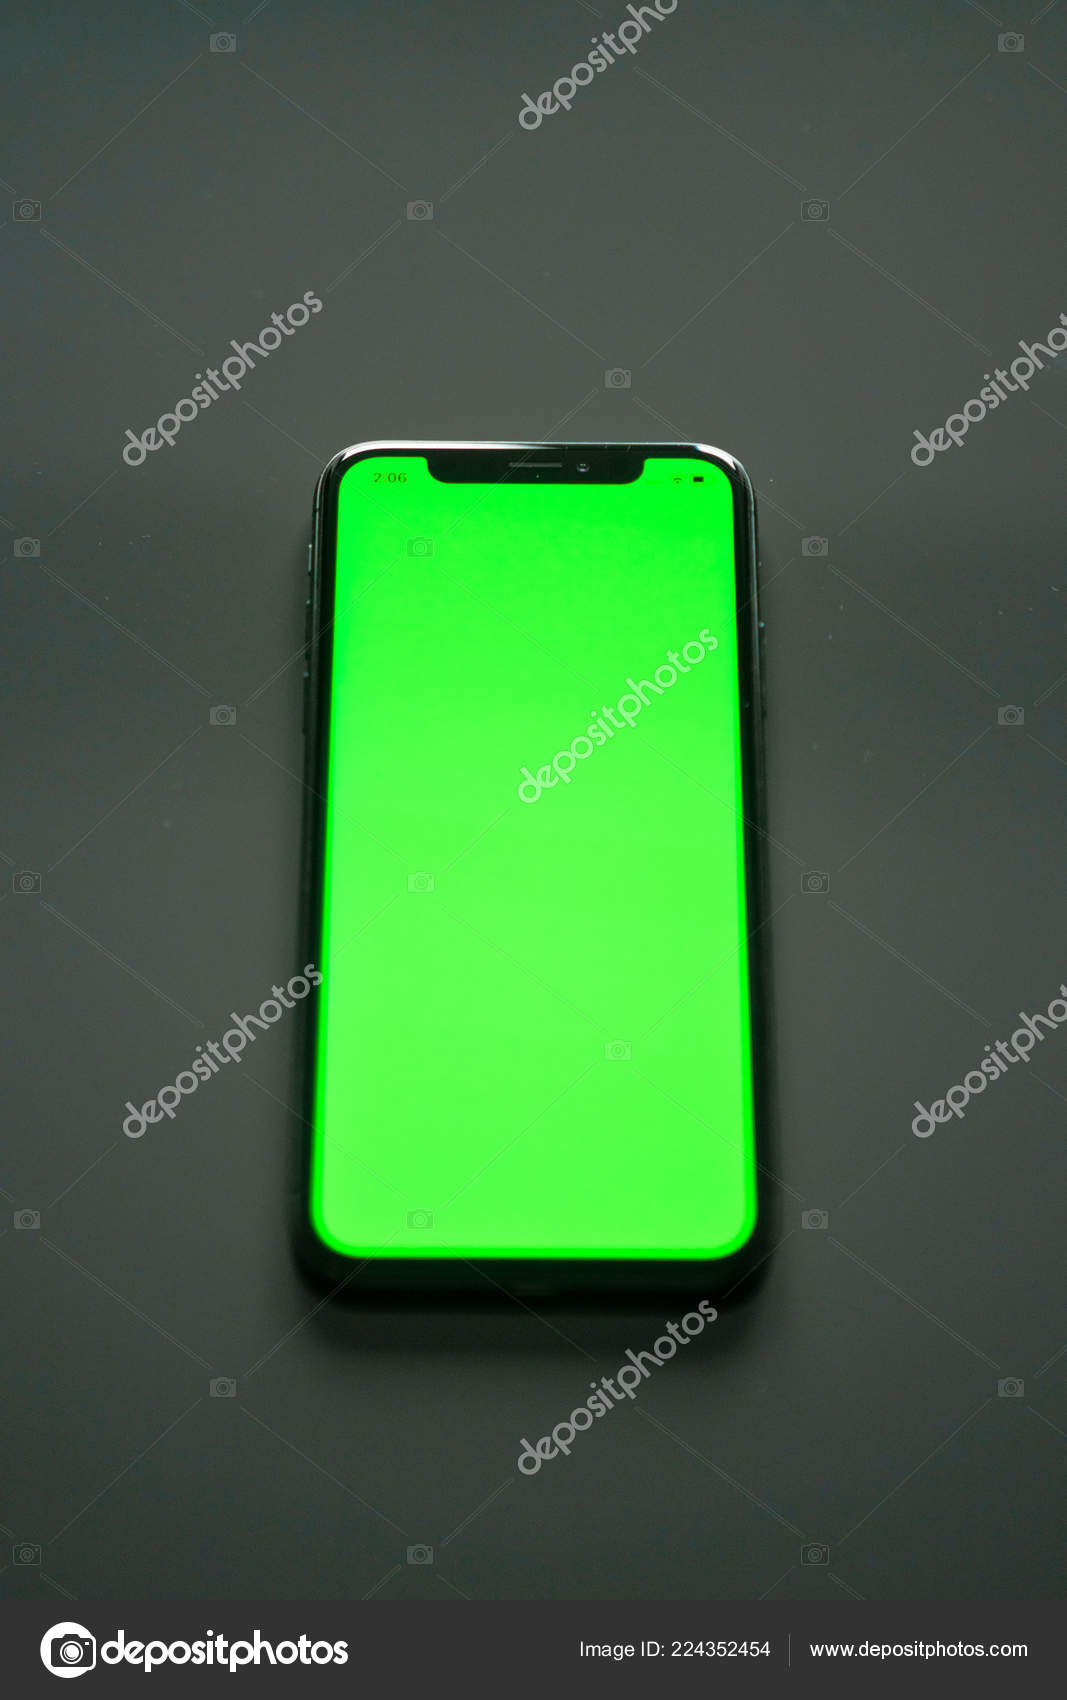 Iphone Schermo Verde Uno Sfondo Grigio Foto Stock Dobryv 224352454